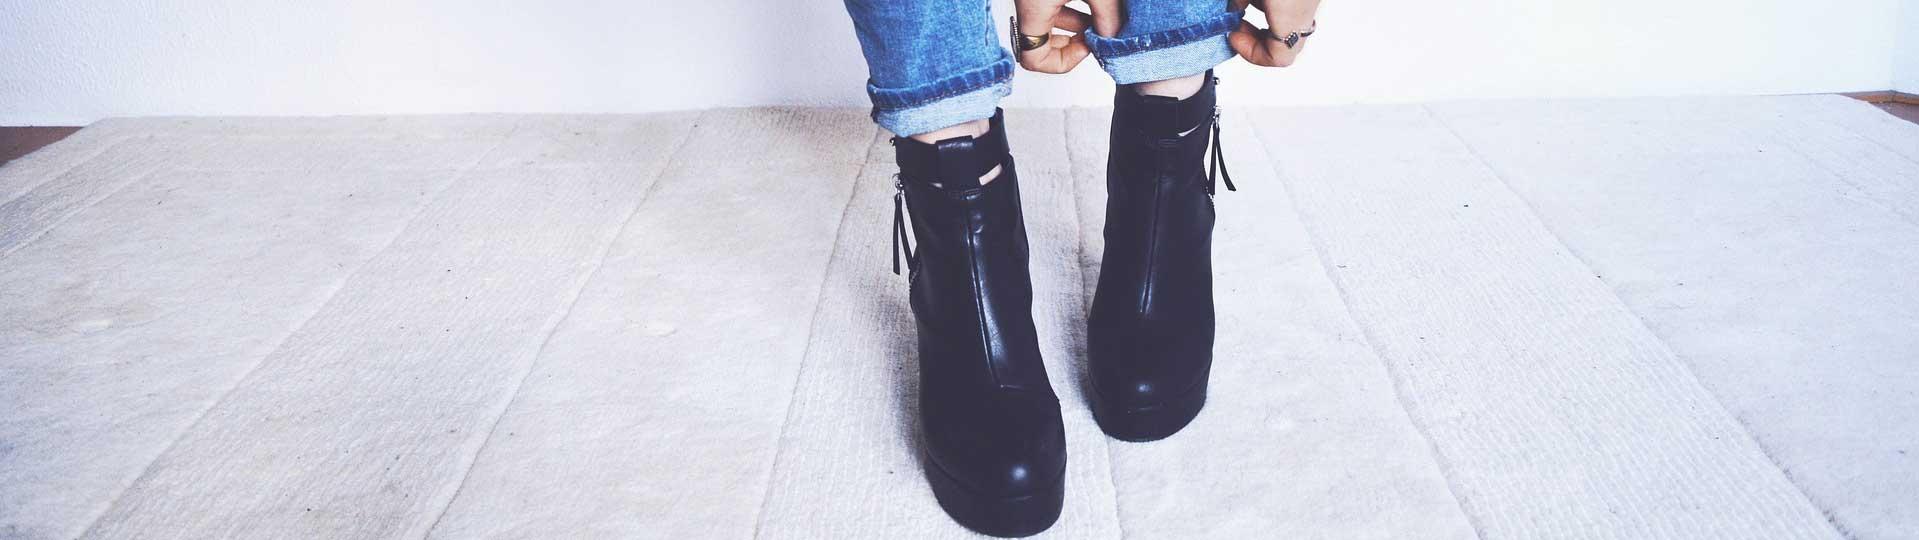 Nos coups de coeur sur les bottes et bottines femmes